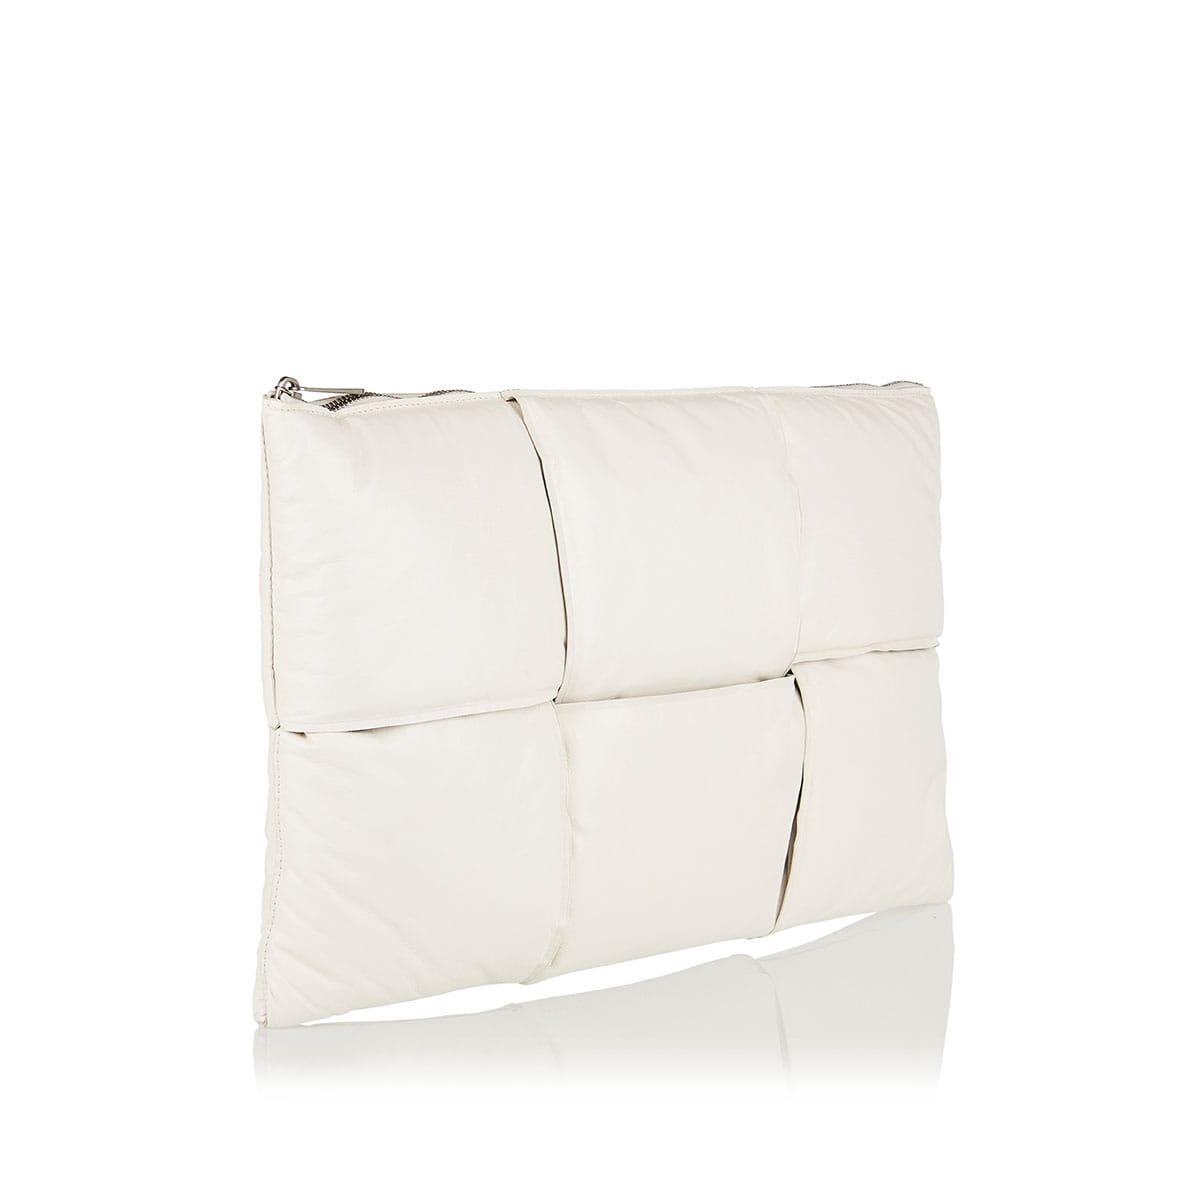 Maxi Intreccio padded pouch